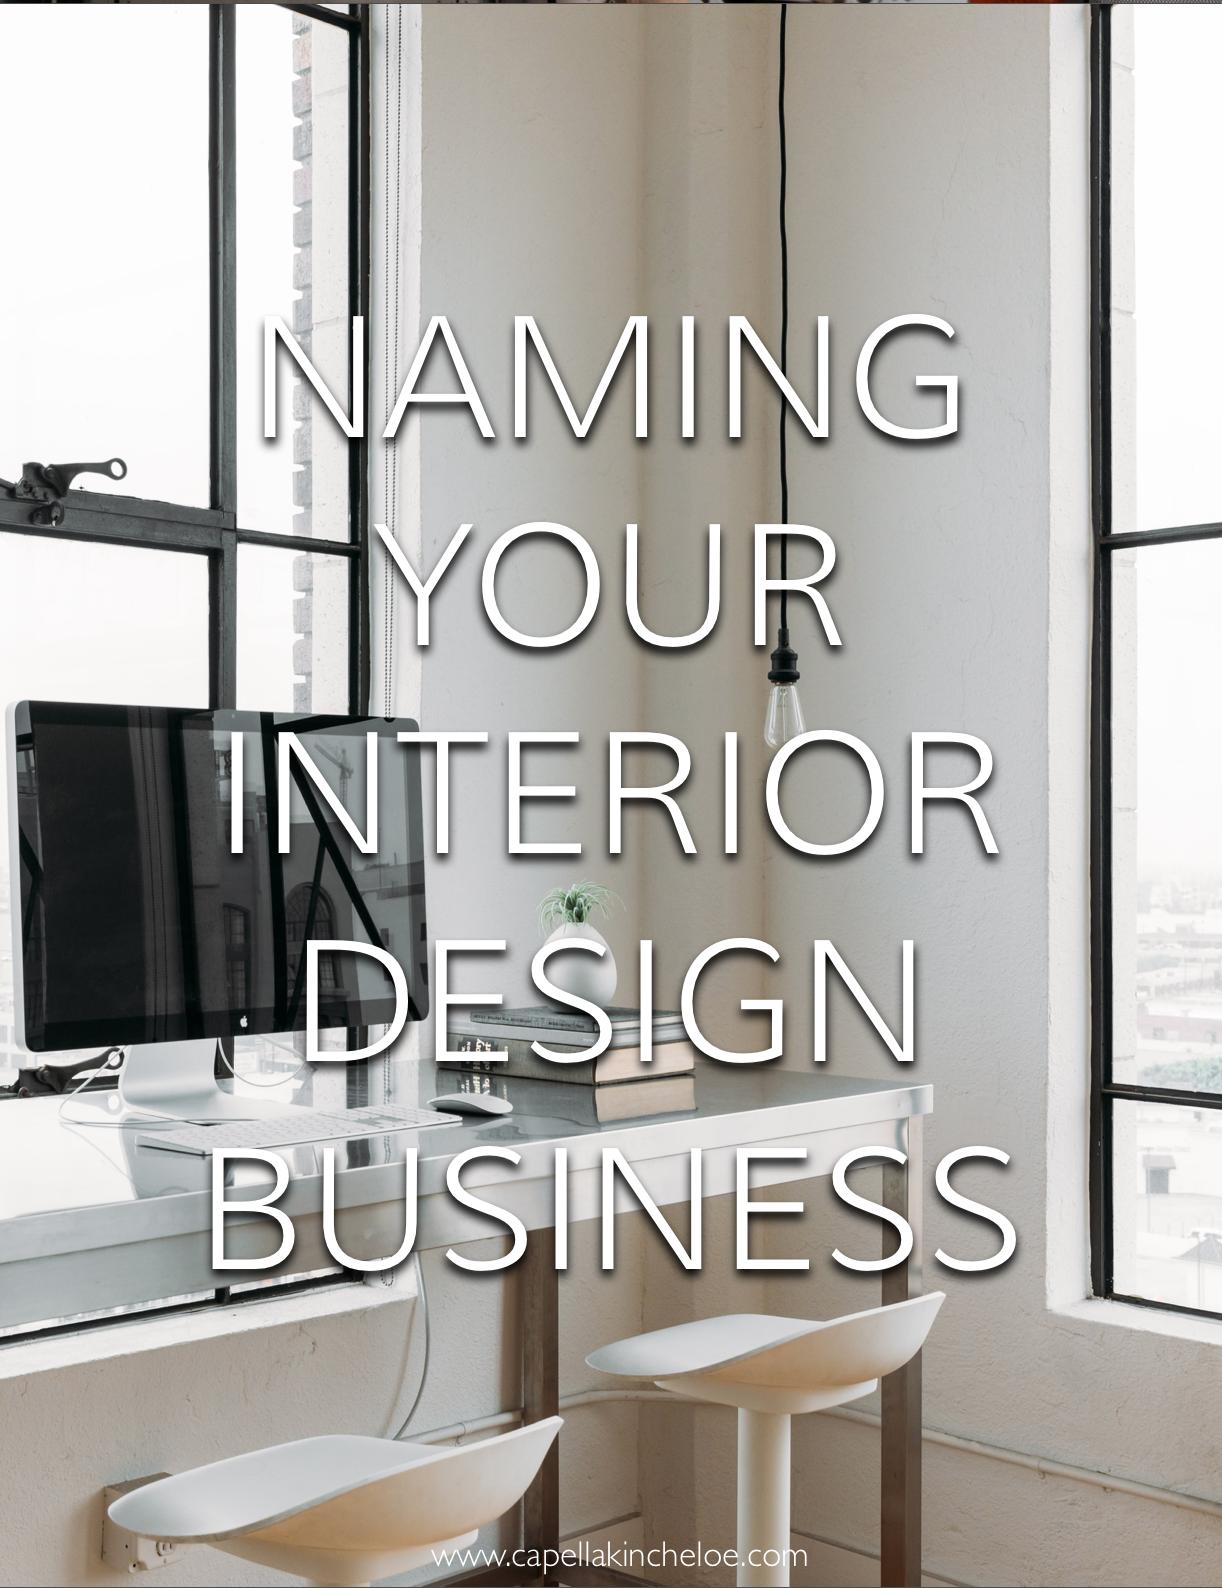 Naming Your Interior Design Business Capella Kincheloe Interior Design School Interior Design Classes Best Home Interior Design